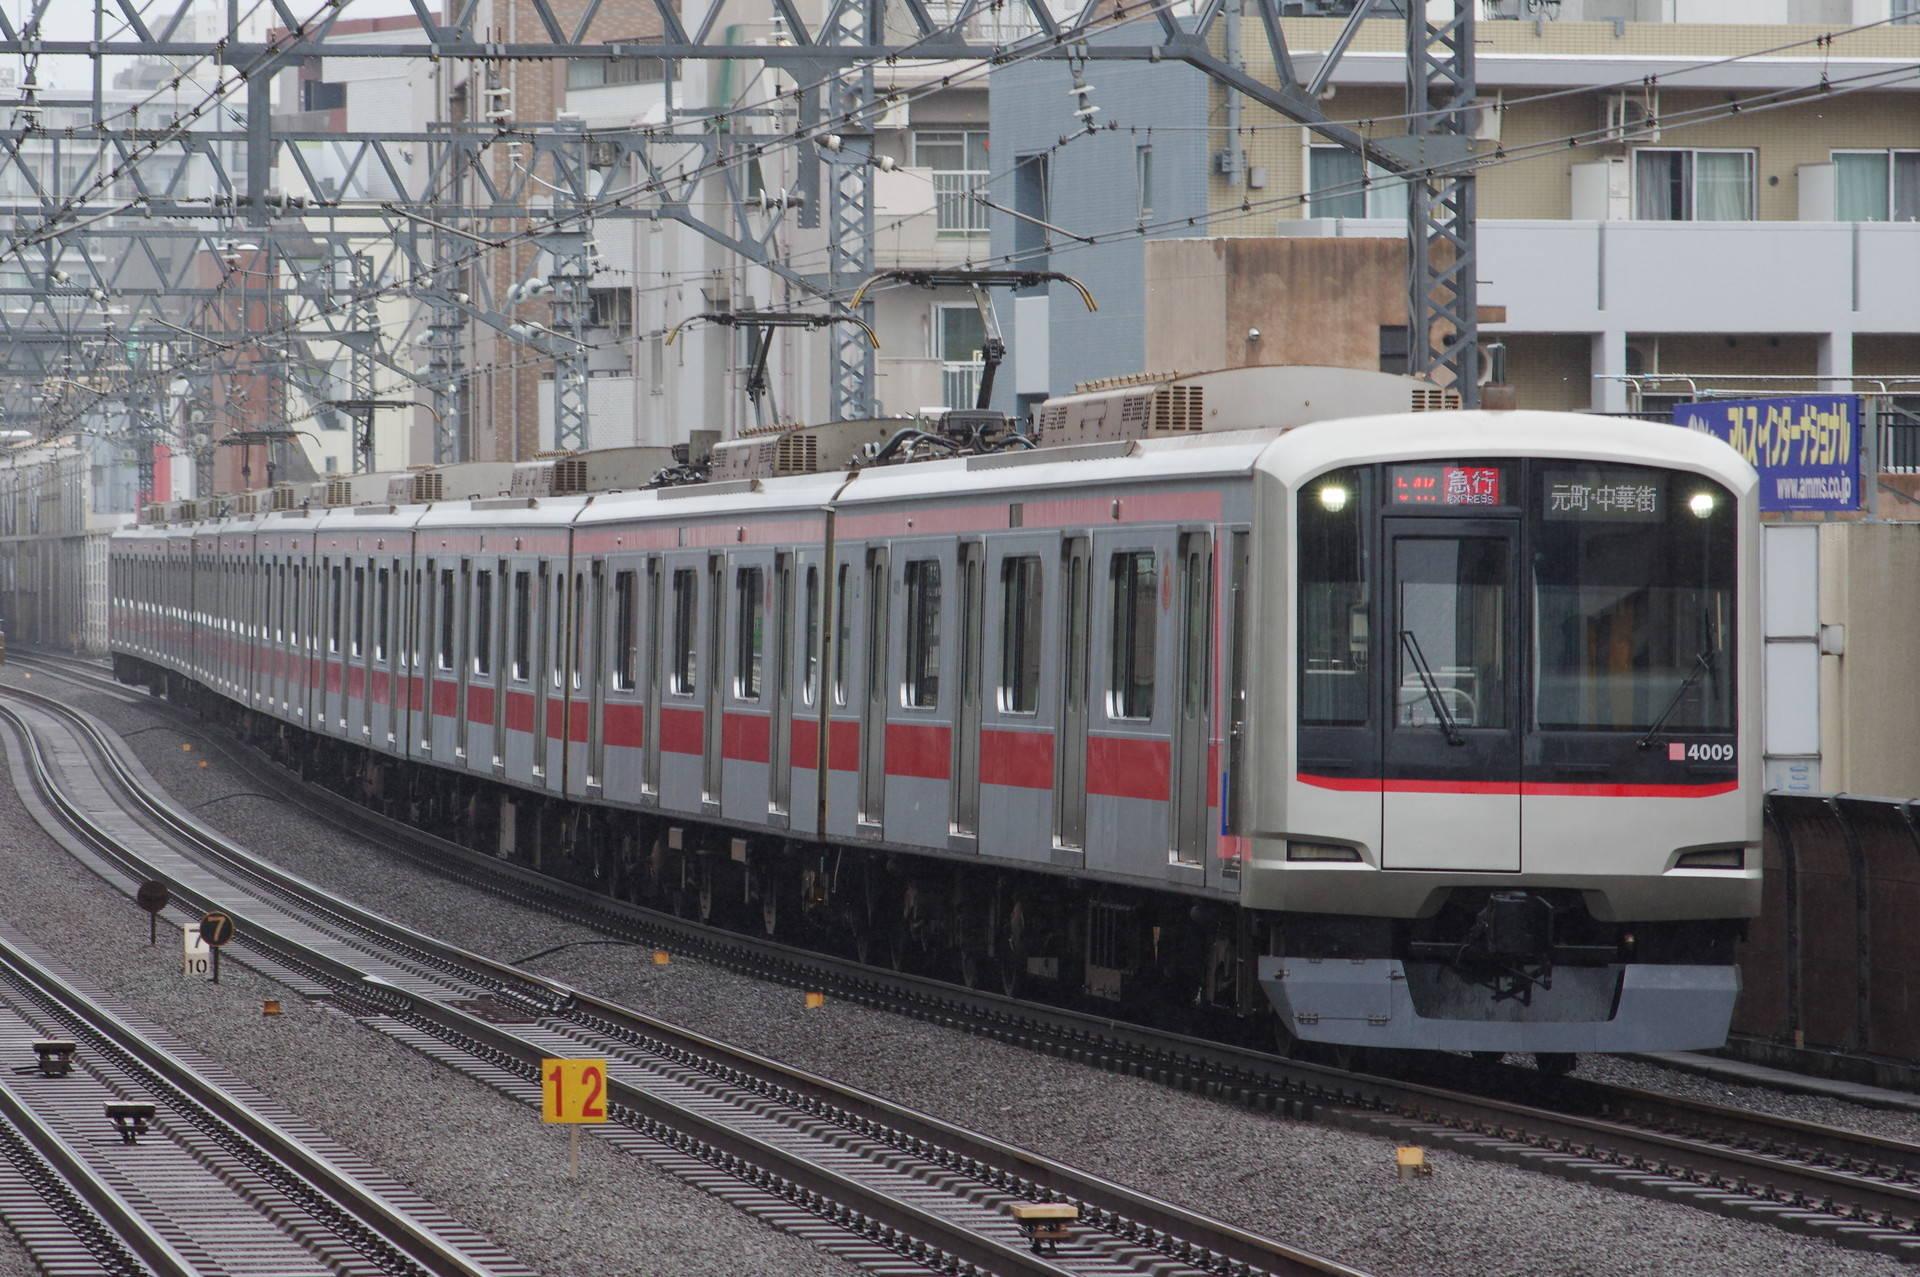 東急電鉄 5050系4000番台 4109編成